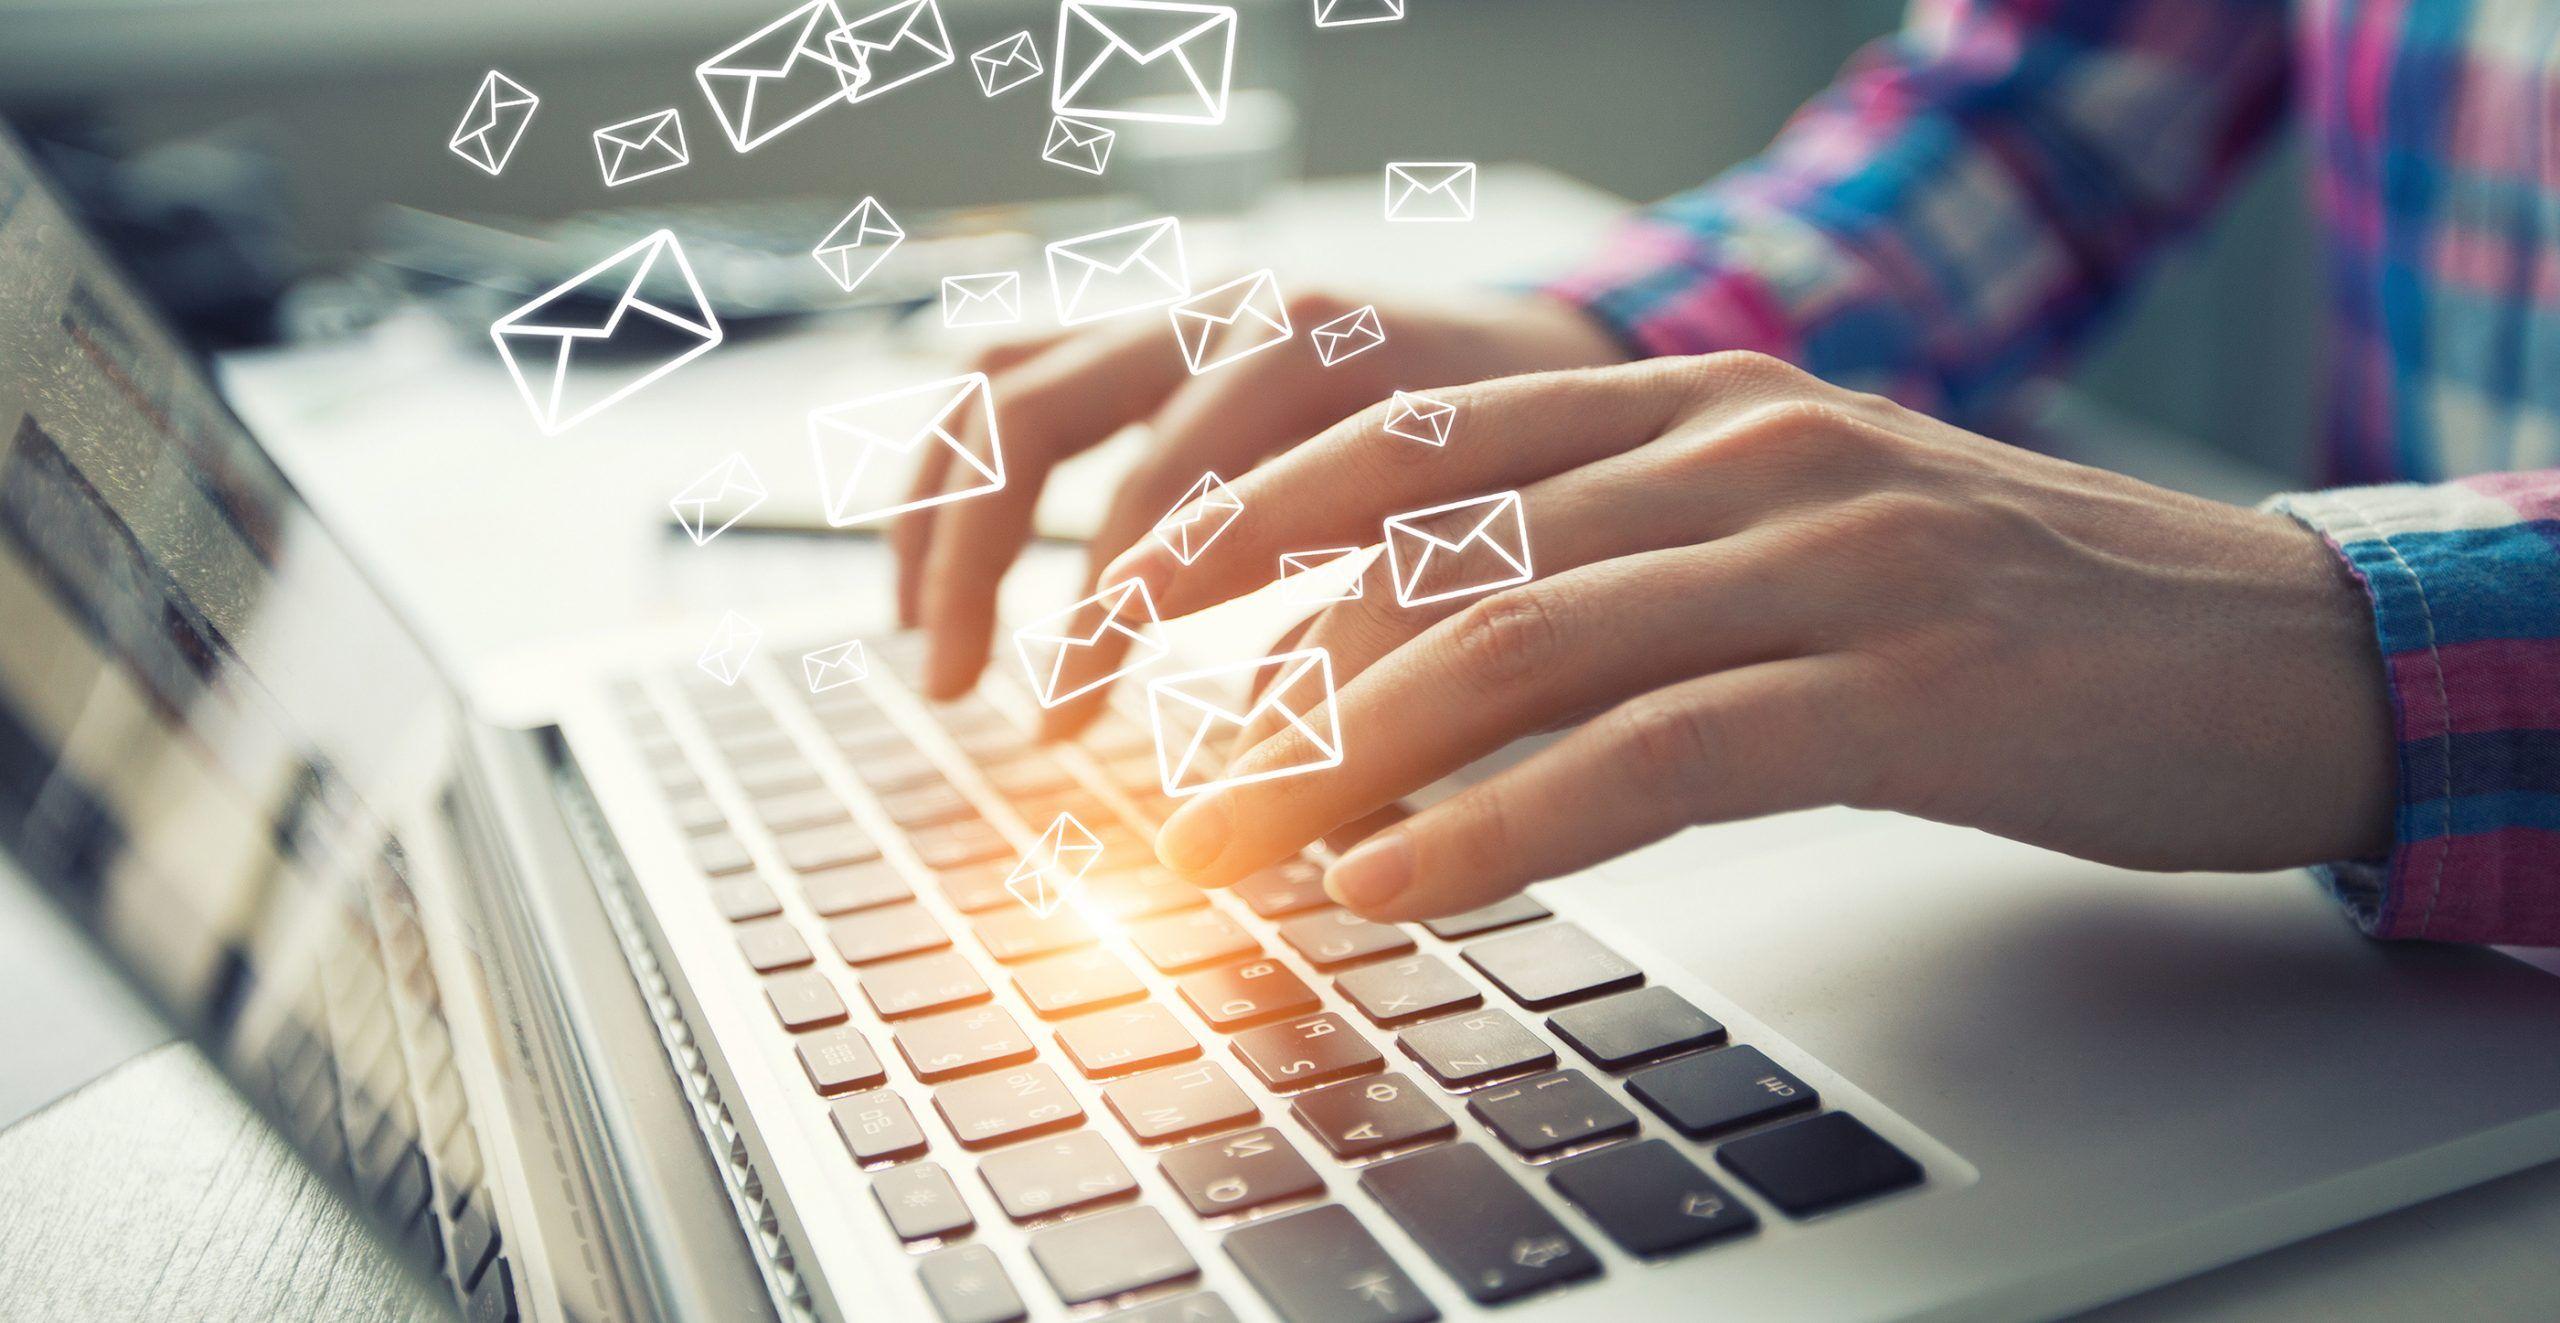 Cómo rastrear IP correo electrónico